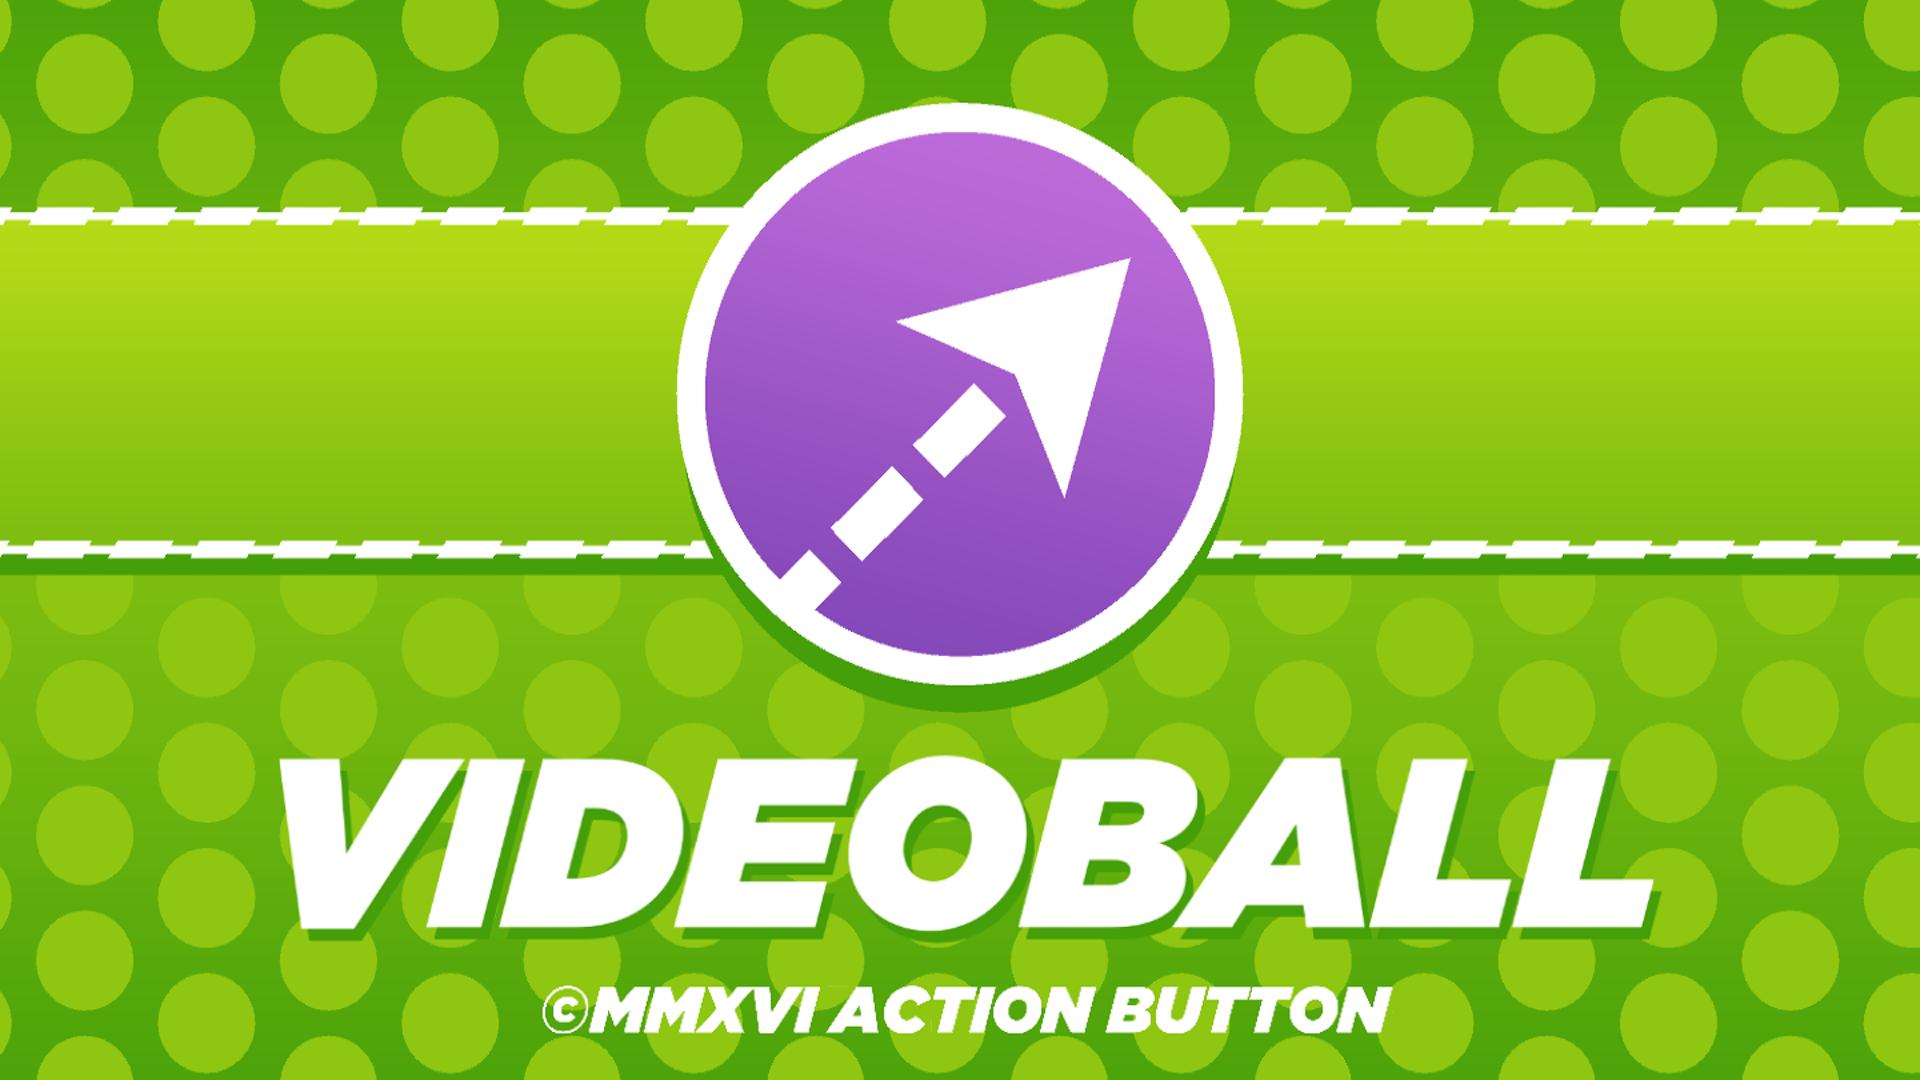 VIDEOBALL_greenbg